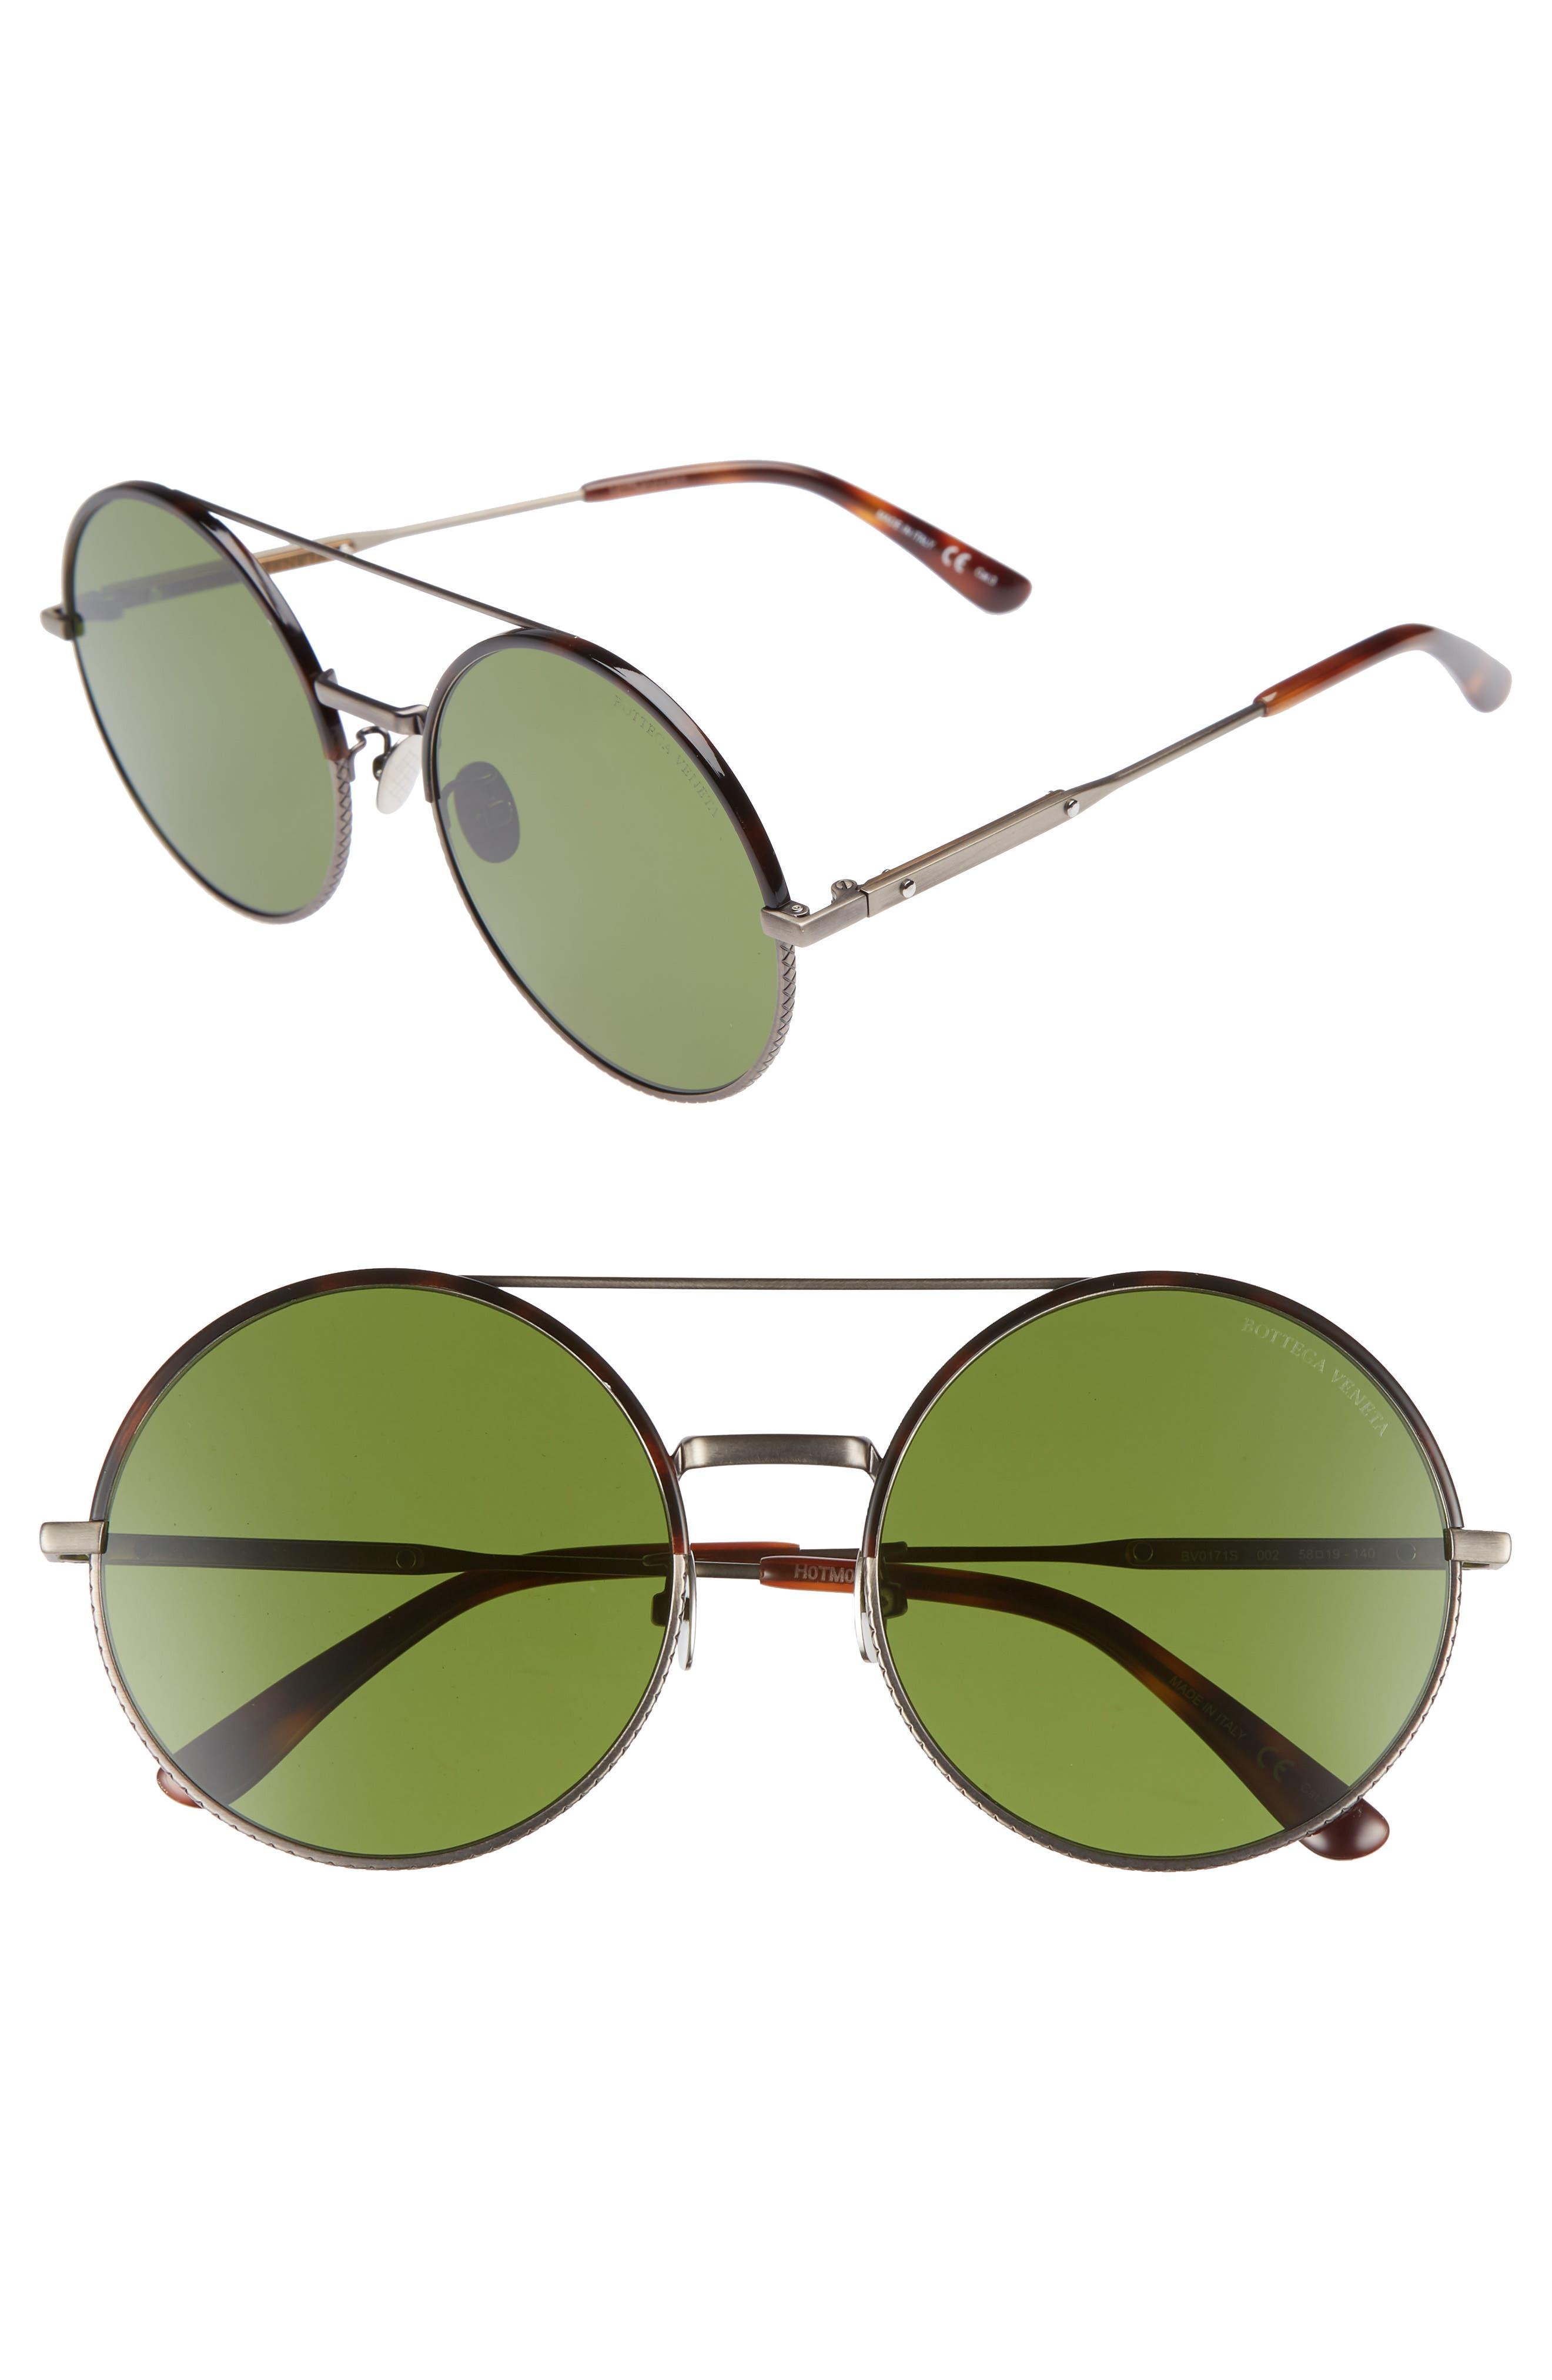 Bottega Veneta 58mm Round Aviator Sunglasses